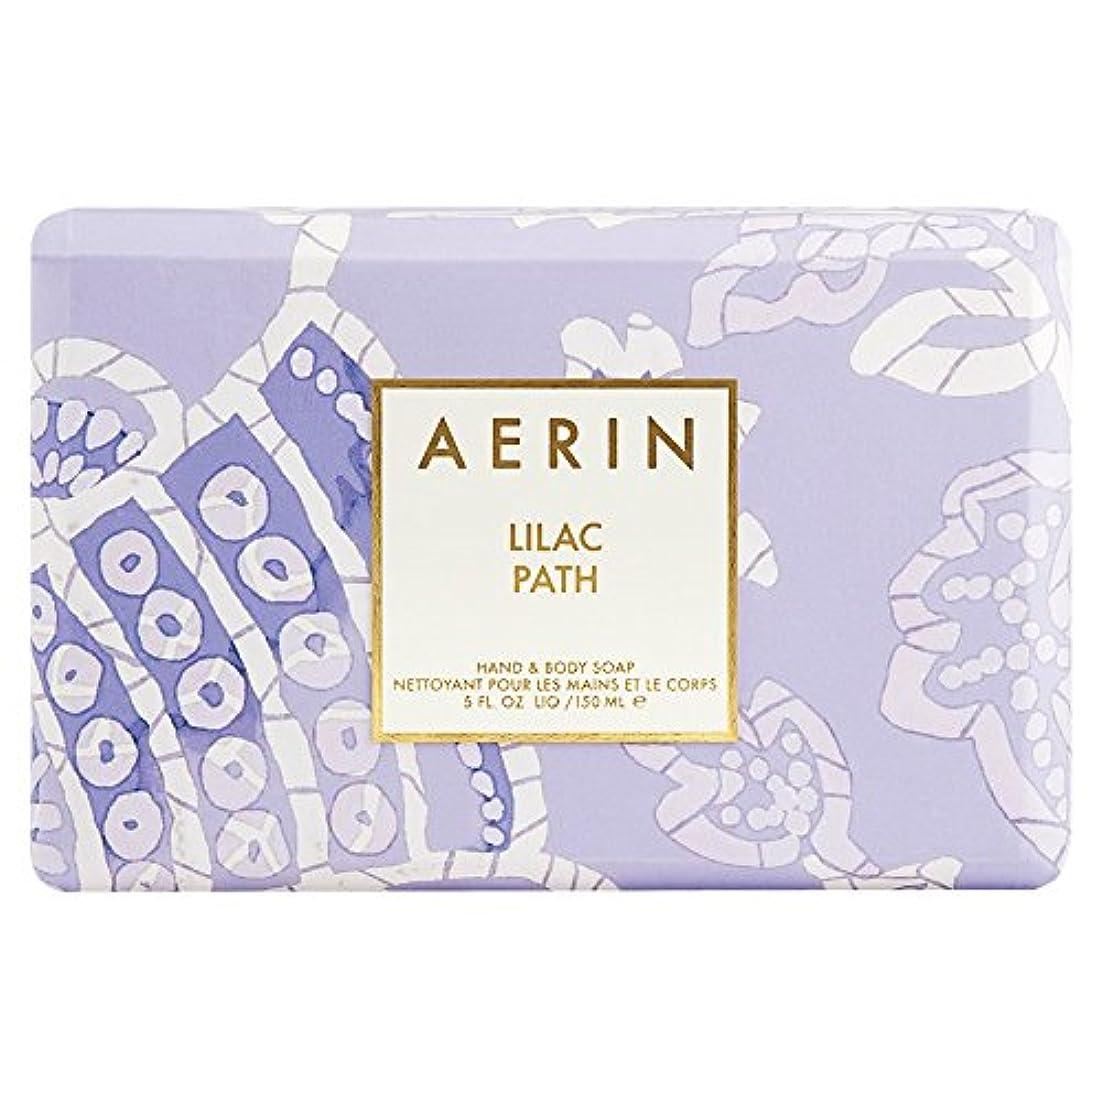 略奪長さかもしれないAerinライラックパス石鹸176グラム (AERIN) (x2) - AERIN Lilac Path Soap 176g (Pack of 2) [並行輸入品]